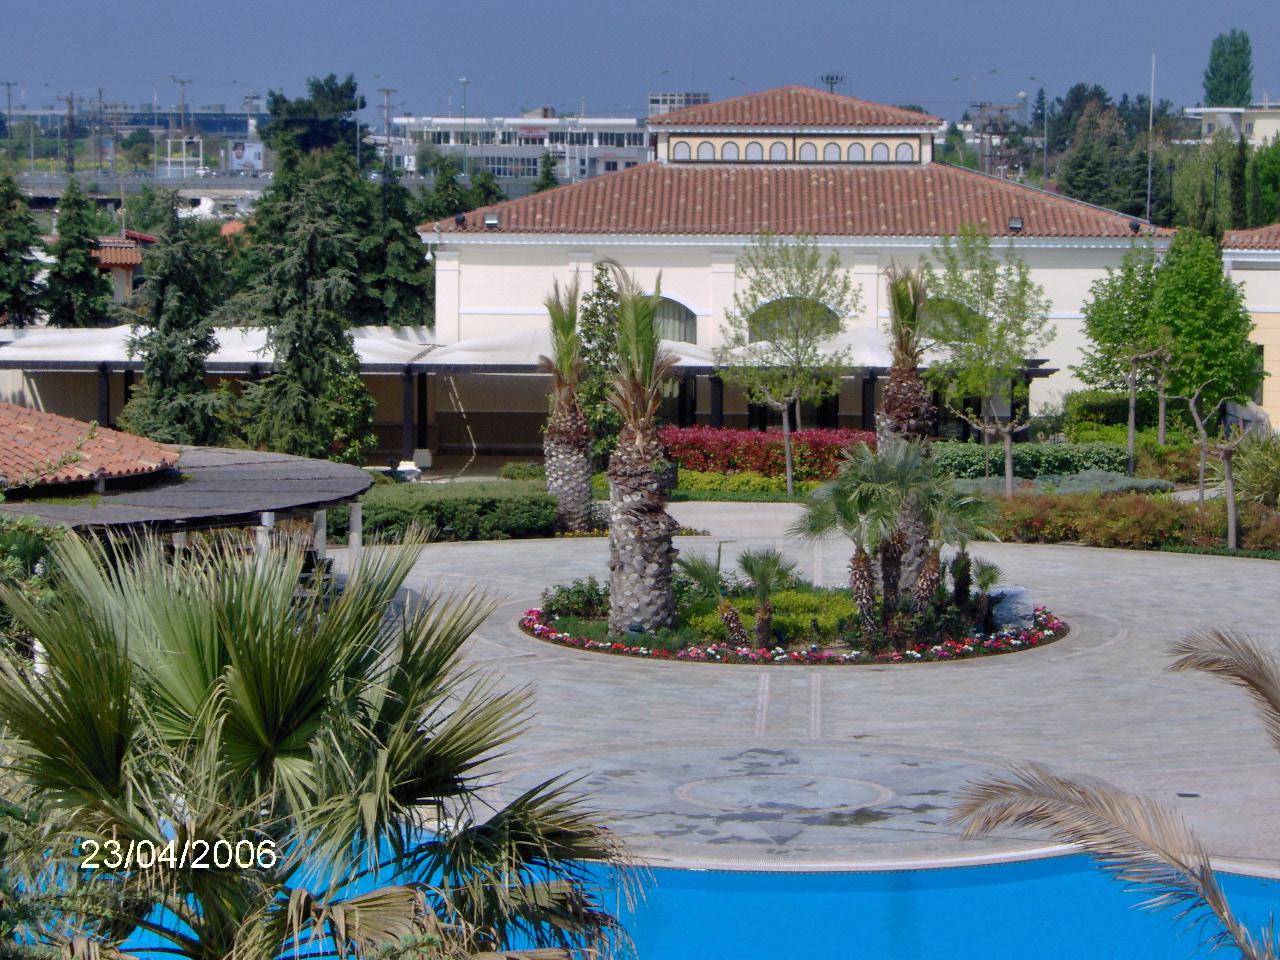 Ξενοδοχείο Hyatt Regency Θεσσαλονίκης